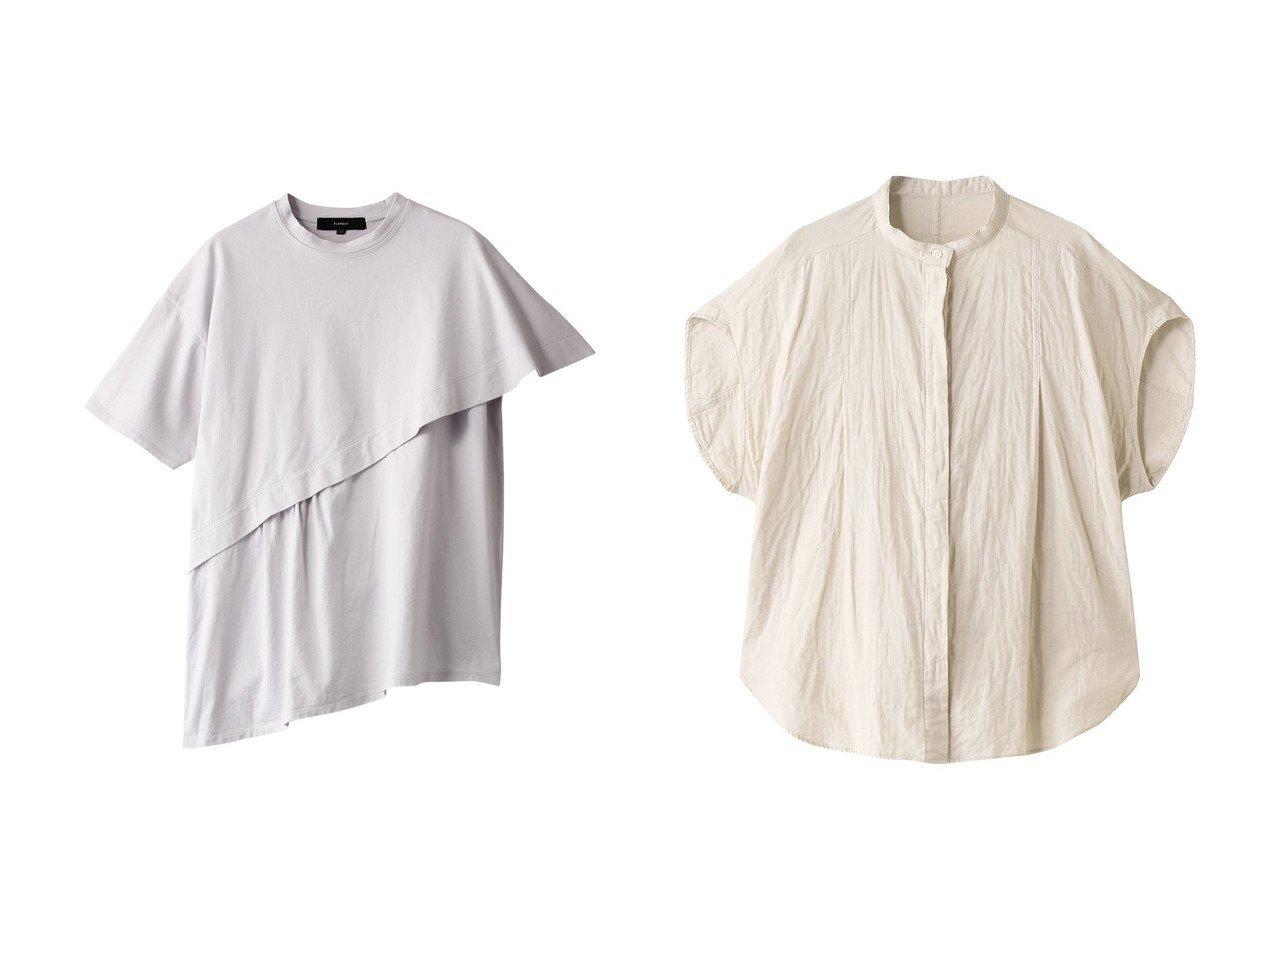 【FLORENT/フローレント】の2天竺クラシックTシャツ&ダブルガーゼコットンショートスリーブブラウス トップス・カットソーのおすすめ!人気、トレンド・レディースファッションの通販 おすすめで人気の流行・トレンド、ファッションの通販商品 メンズファッション・キッズファッション・インテリア・家具・レディースファッション・服の通販 founy(ファニー) https://founy.com/ ファッション Fashion レディースファッション WOMEN トップス Tops Tshirt シャツ/ブラウス Shirts Blouses ロング / Tシャツ T-Shirts カットソー Cut and Sewn 2021年 2021 2021 春夏 S/S SS Spring/Summer 2021 S/S 春夏 SS Spring/Summer アシメトリー クラシック ショート スリーブ 半袖 春 Spring |ID:crp329100000013101